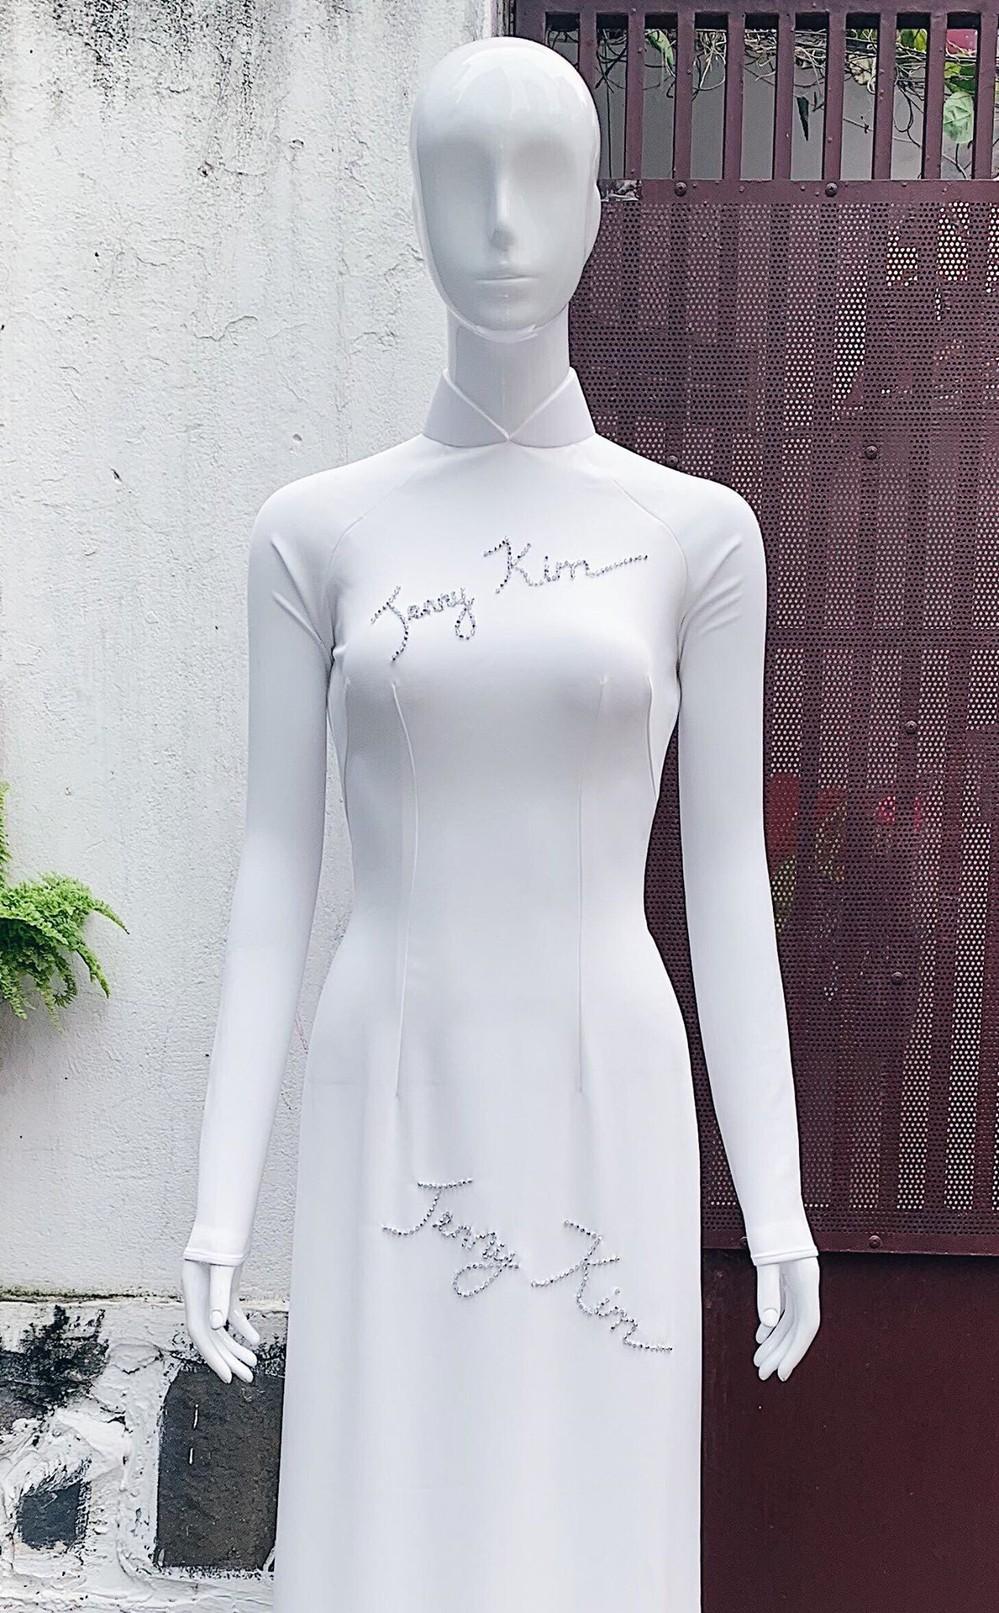 Minh Tú lại ghi điểm khi mang món quà này tặng đương kim Hoa hậu Siêu quốc gia trong tiệc sinh nhật - Ảnh 3.